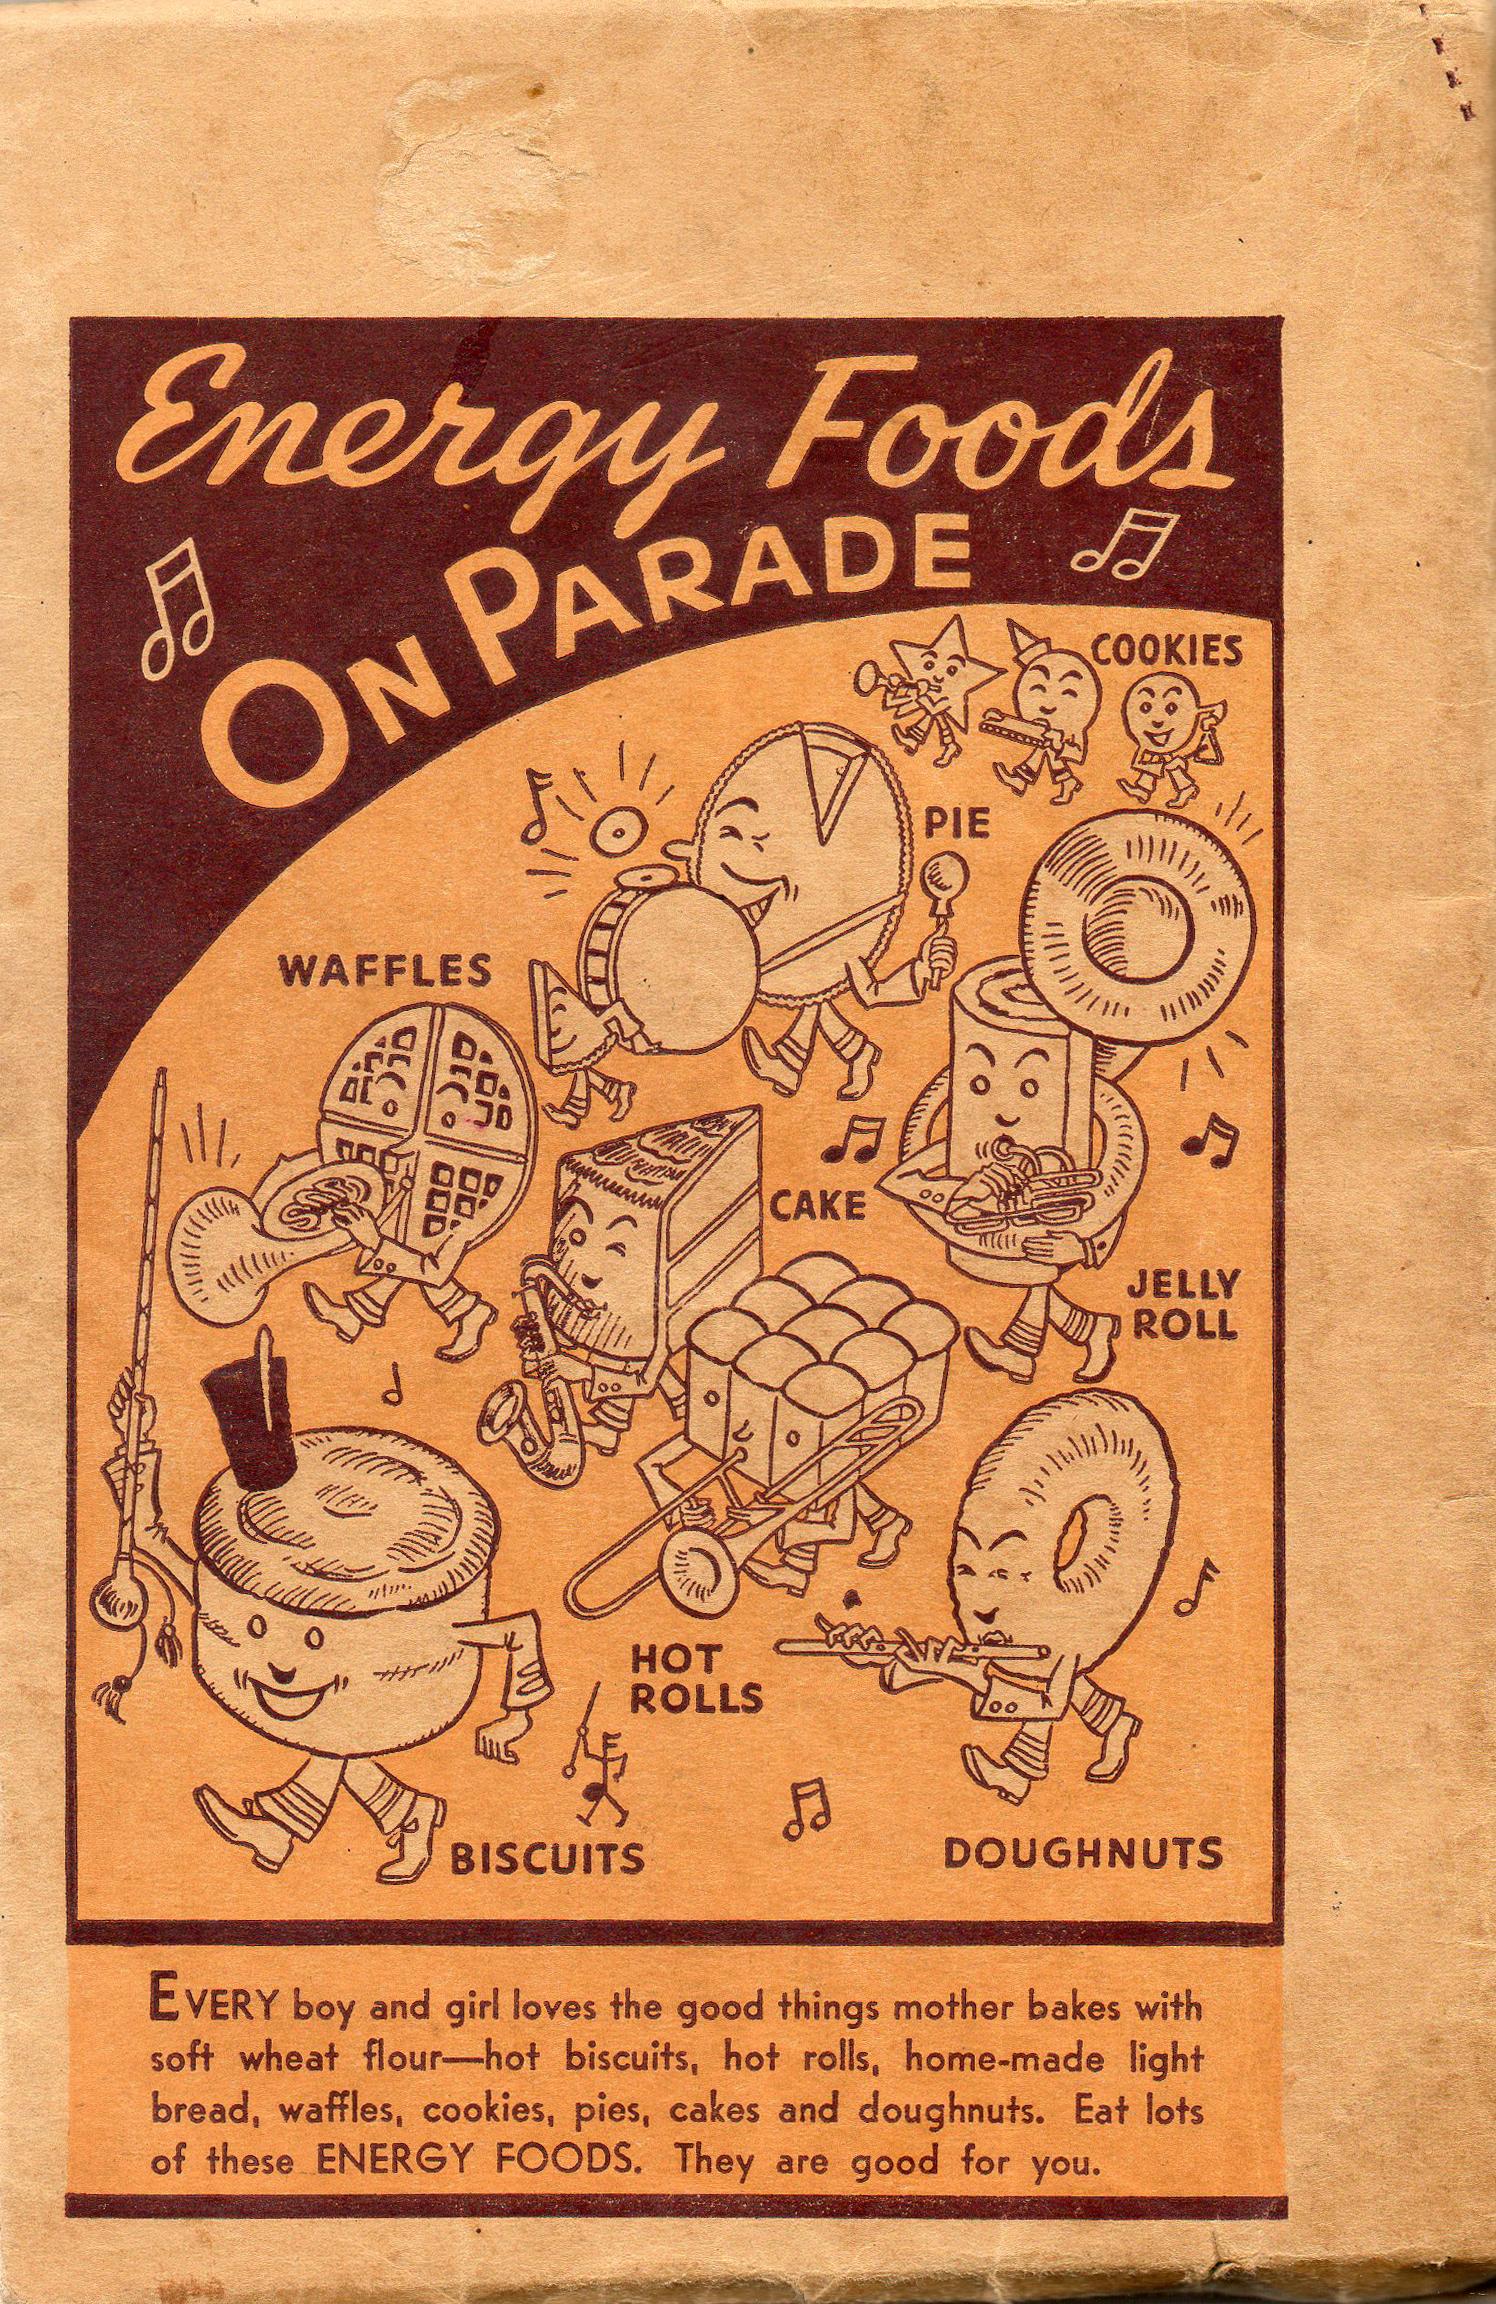 Not a recipe book